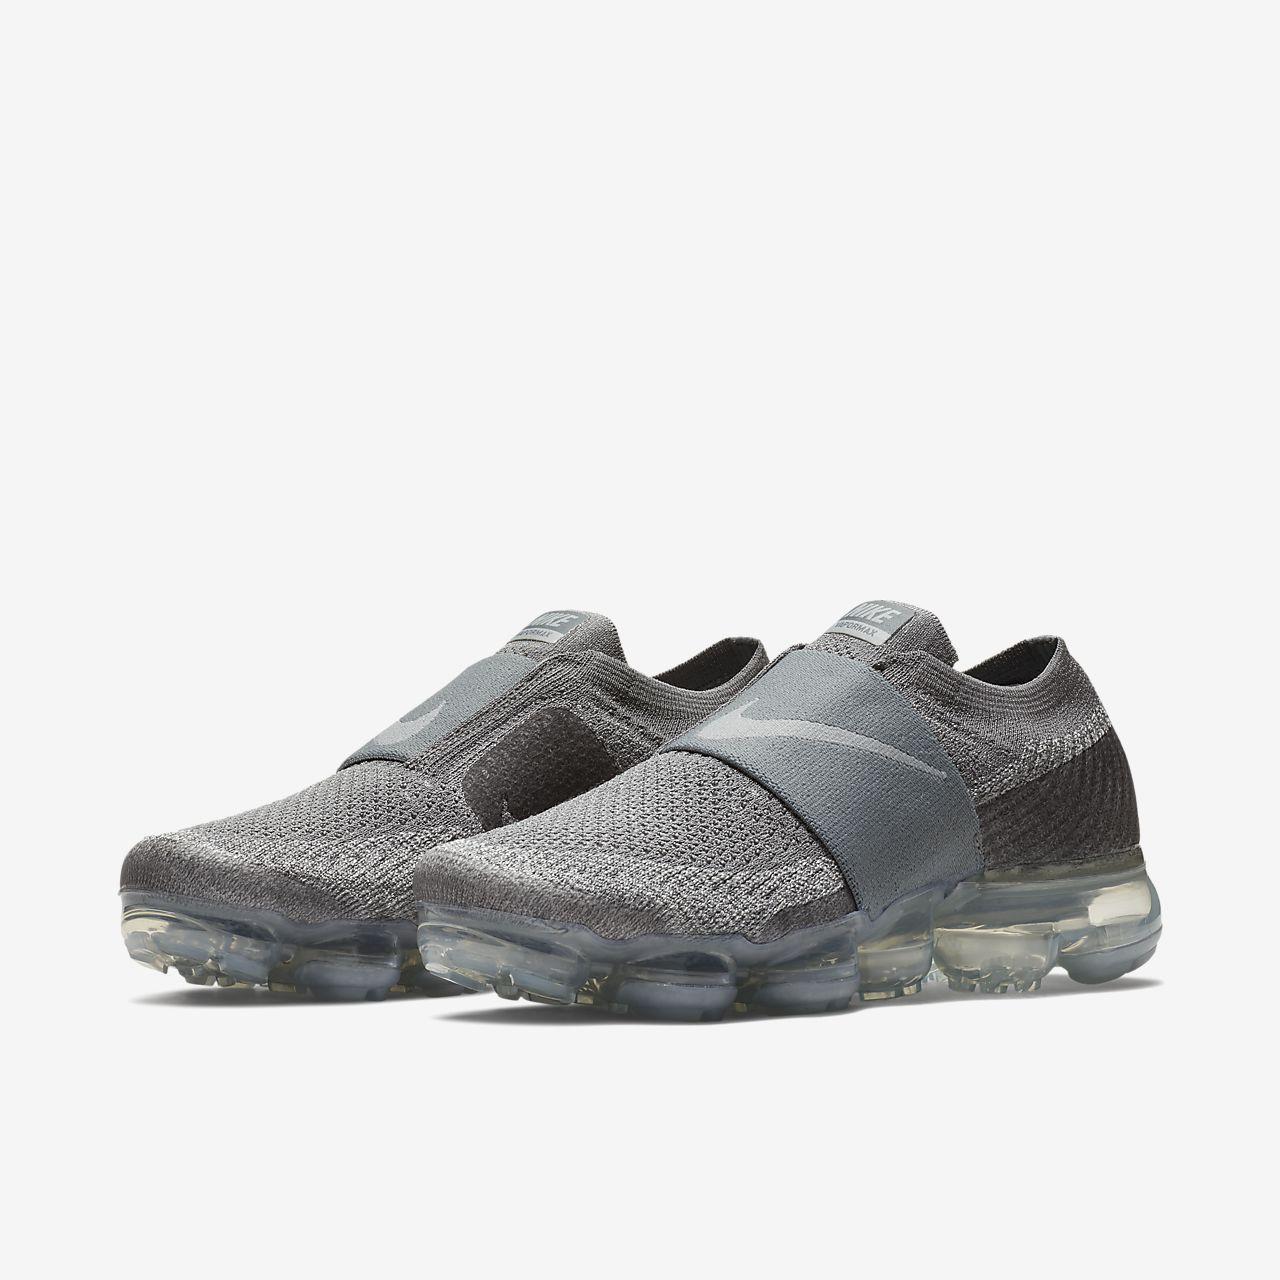 Nike Air VaporMax Flyknit Moc Women's Running Shoe | Womens ...